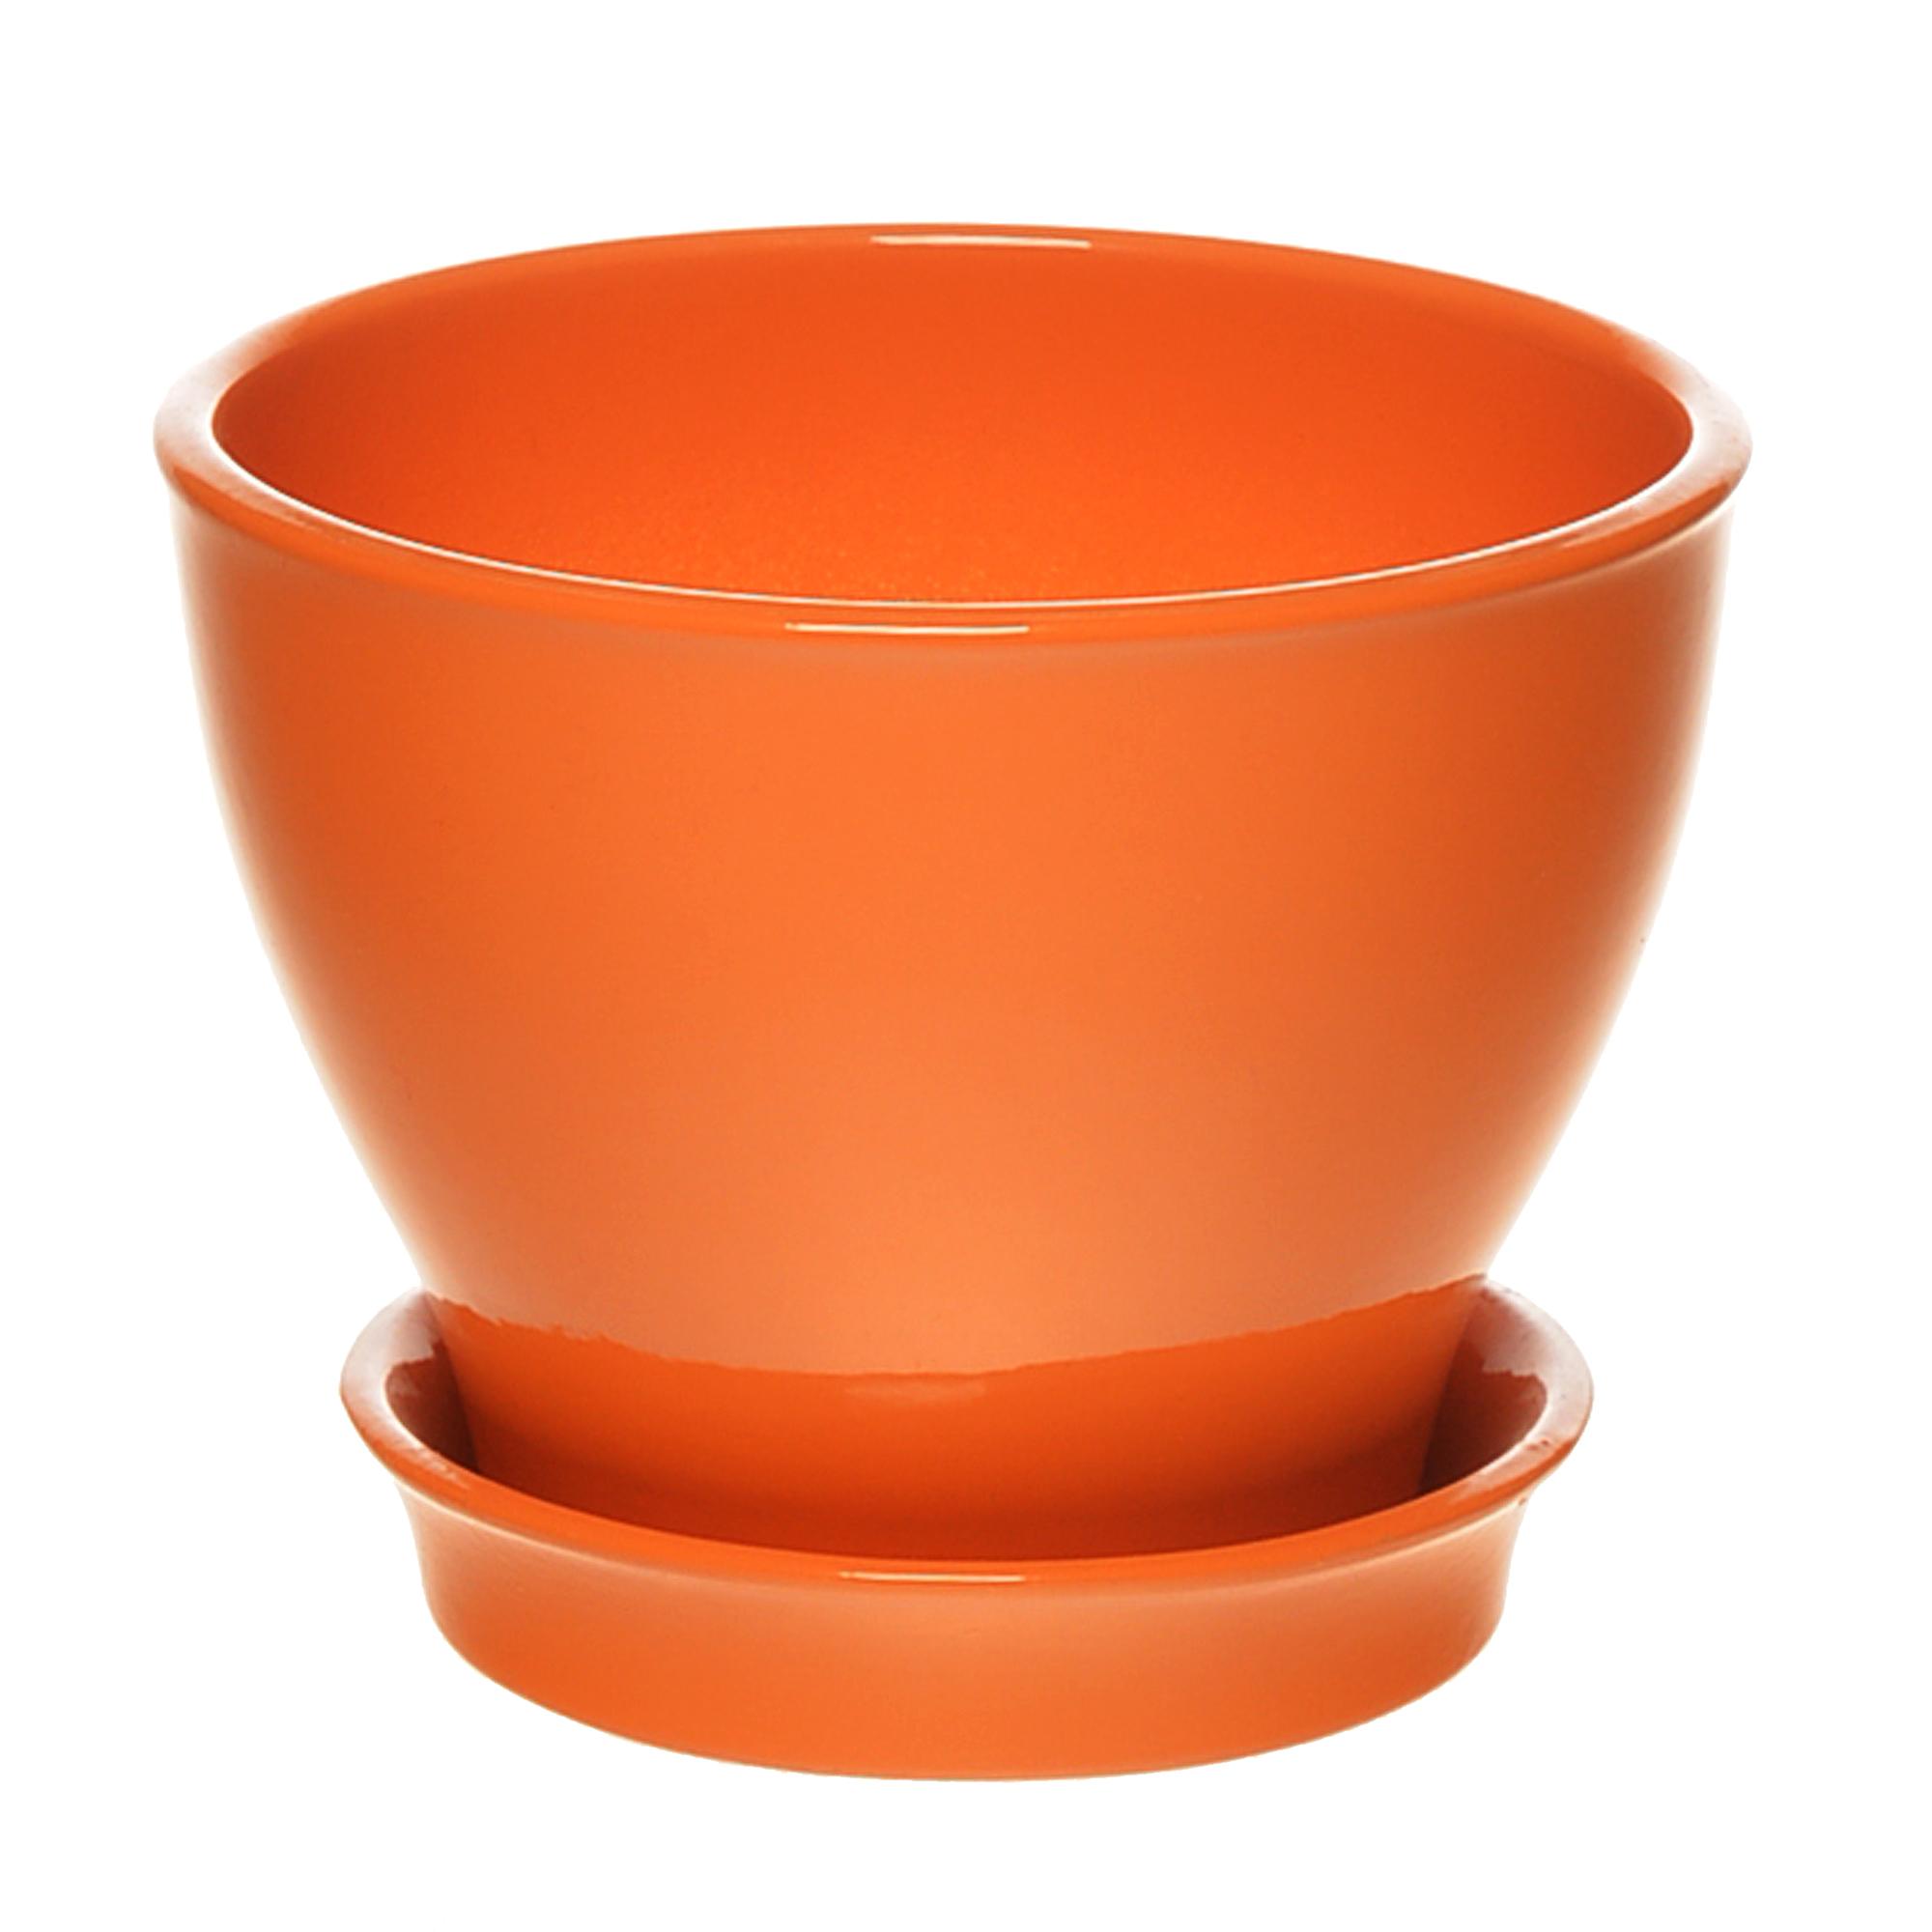 Фото - Горшок с поддоном керамический для цветов Керам Ксения глянец оранжевый 12см горшок с поддоном керамический для цветов керам ксения глянец зеленый 9см